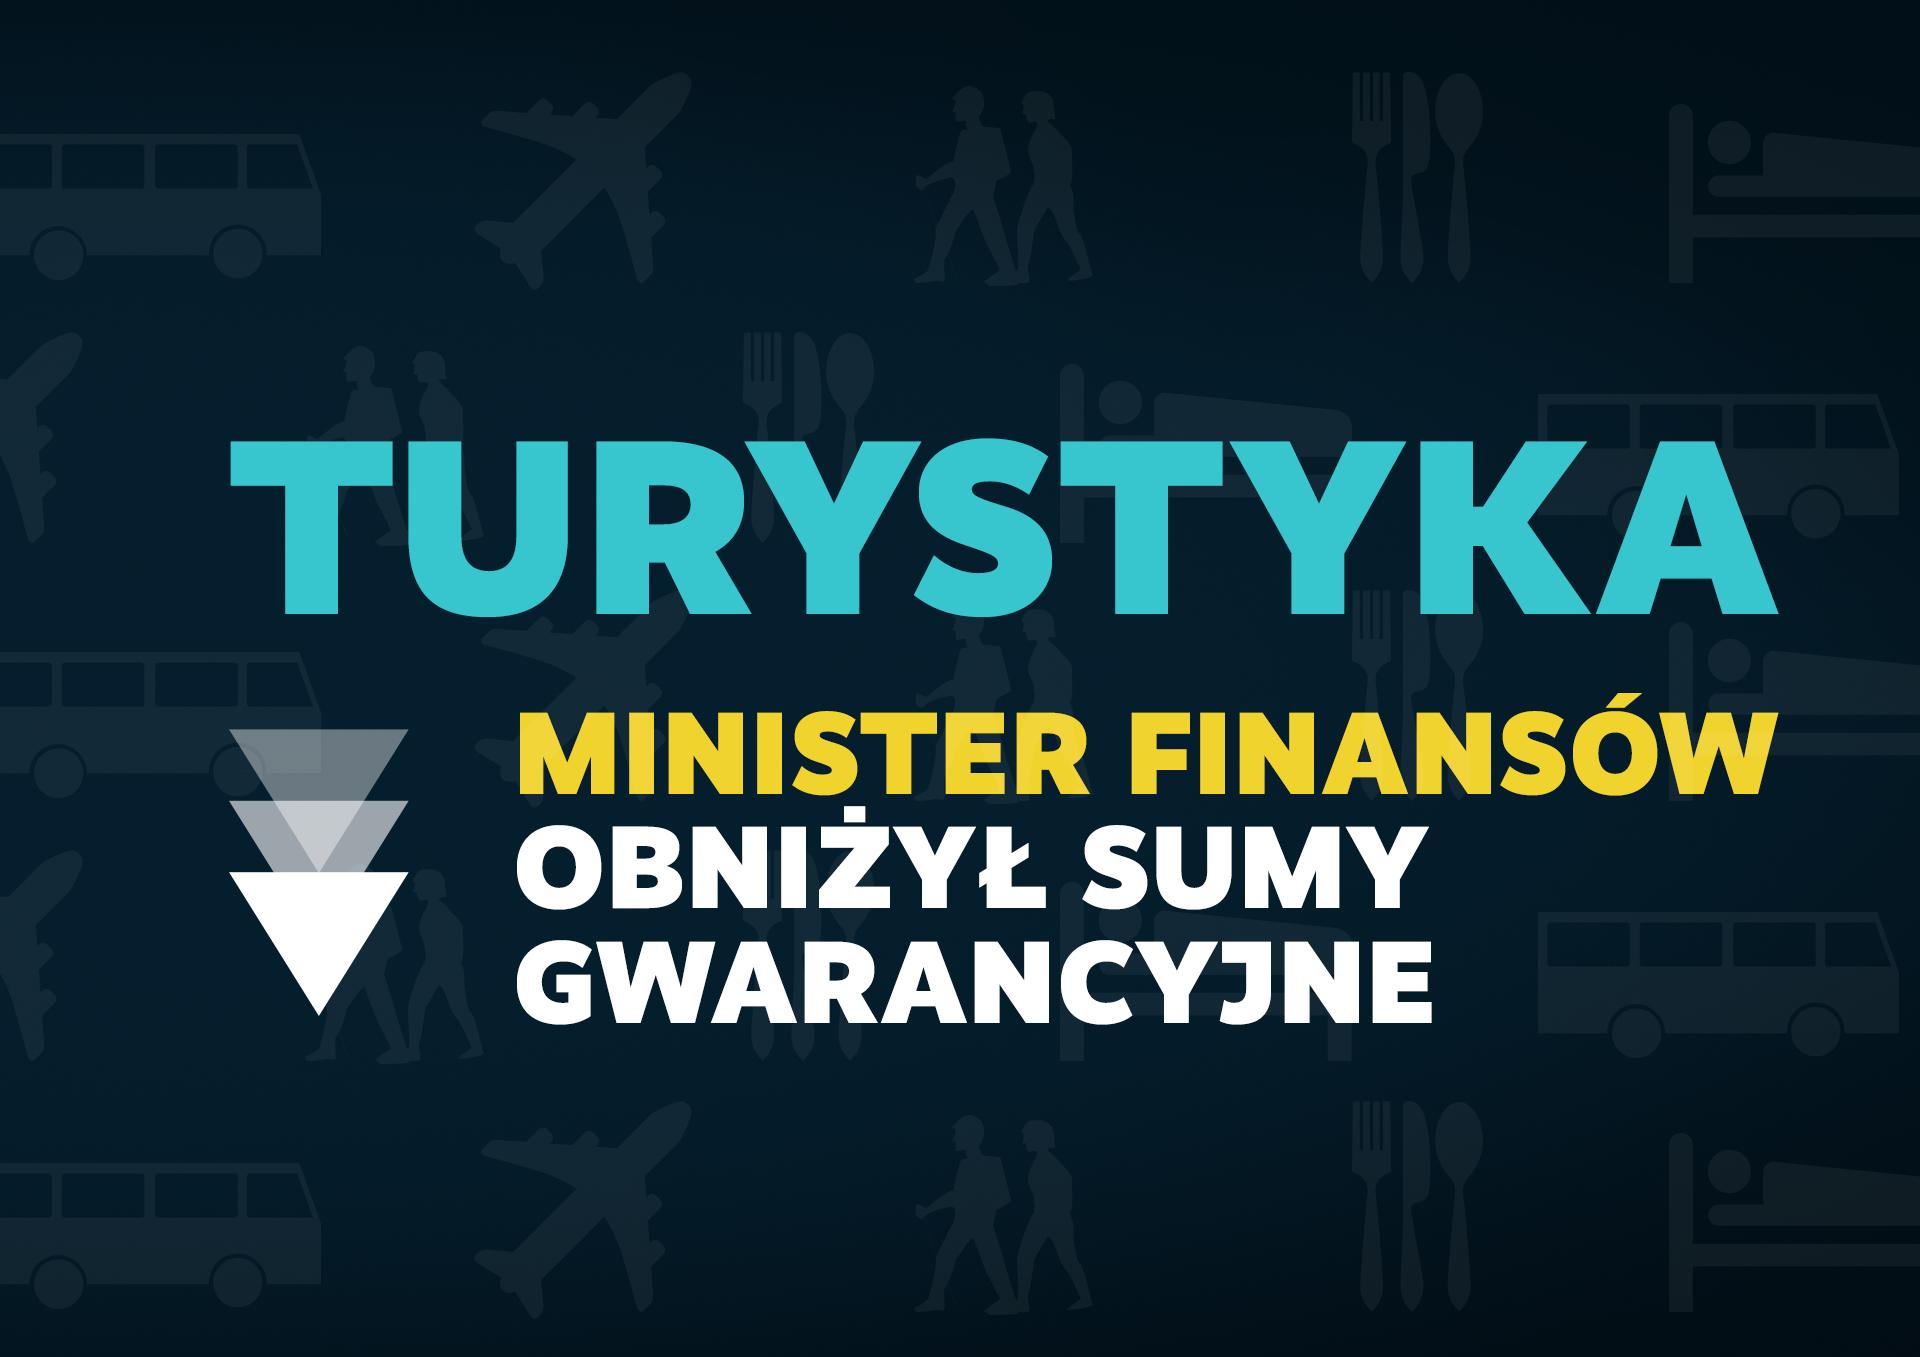 Minister finansów obniżył sumy gwarancyjne